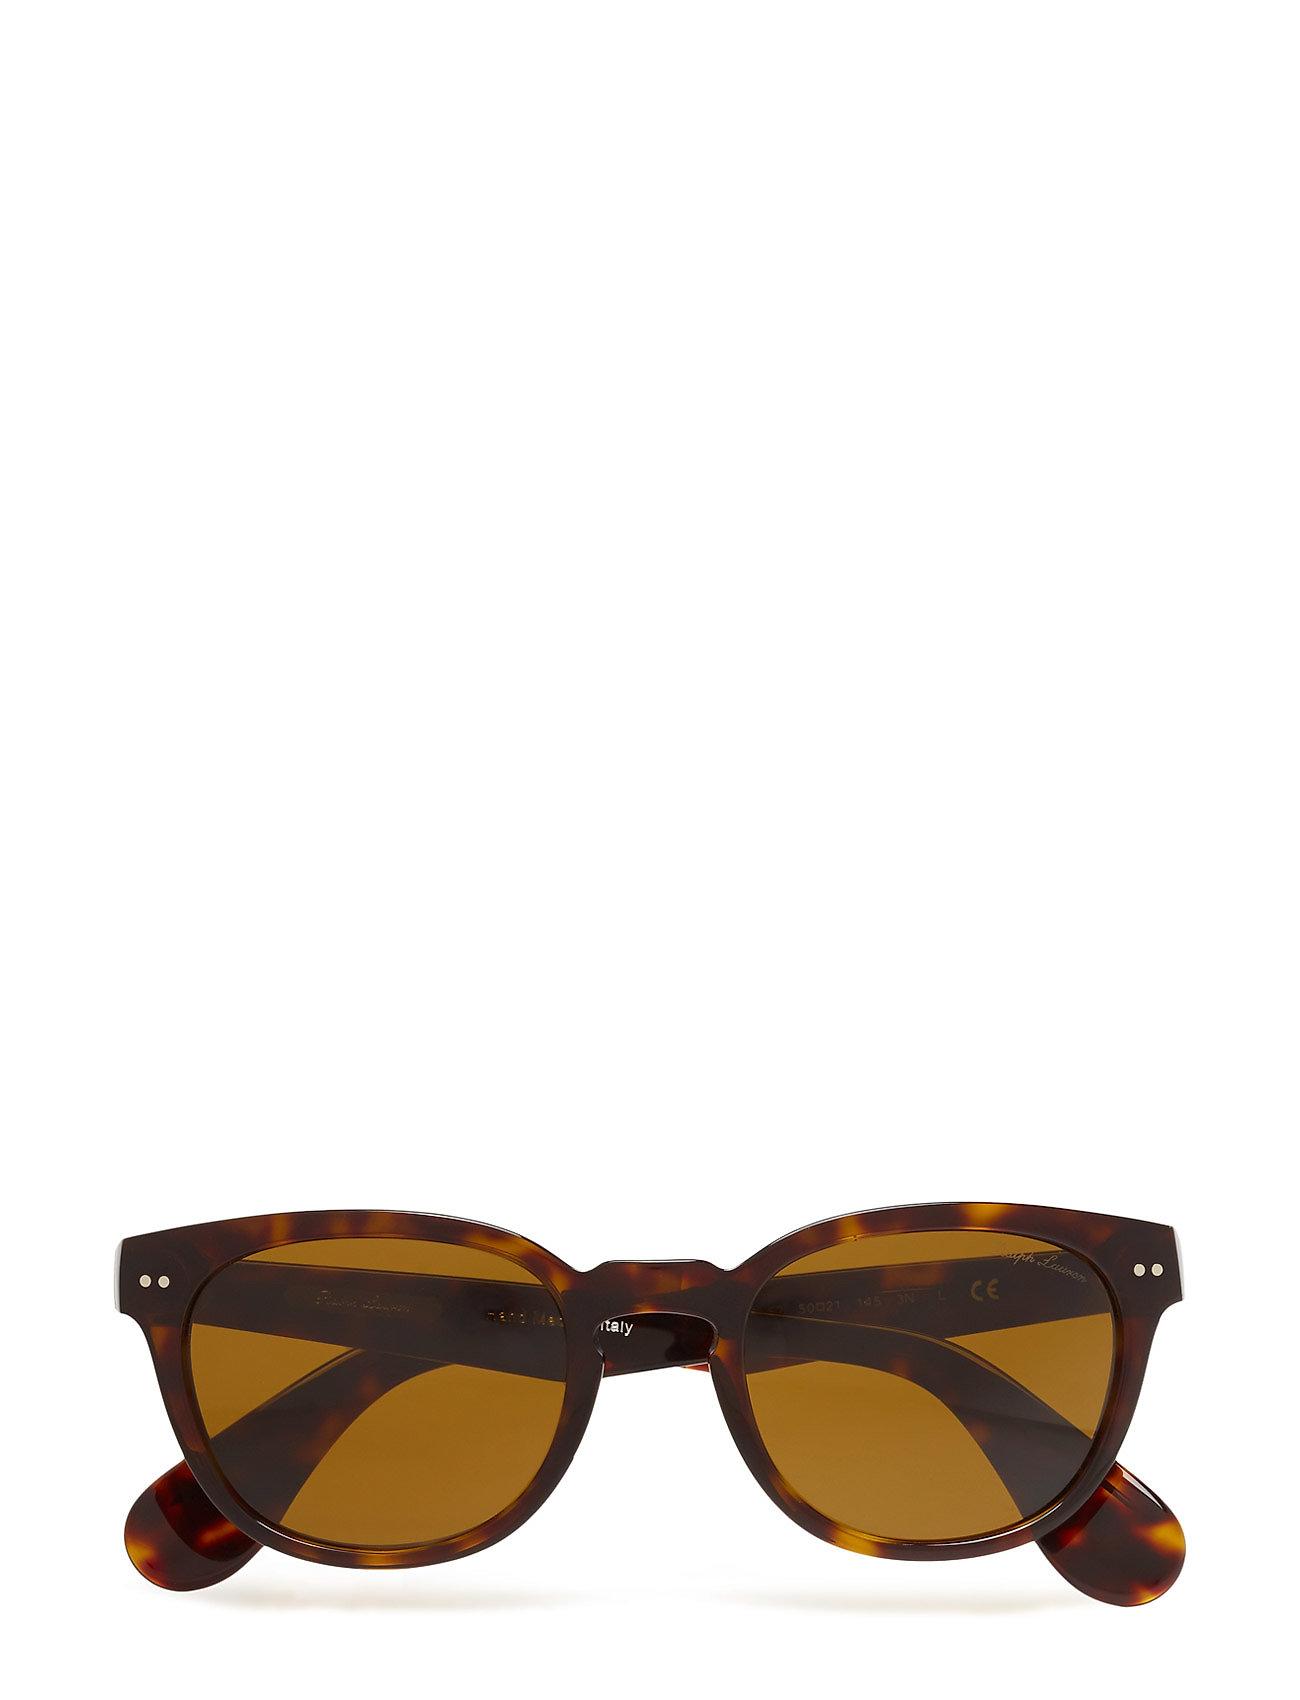 Ralph Lauren Sunglasses HERITAGE COLLECTION | RALPH LAUREN